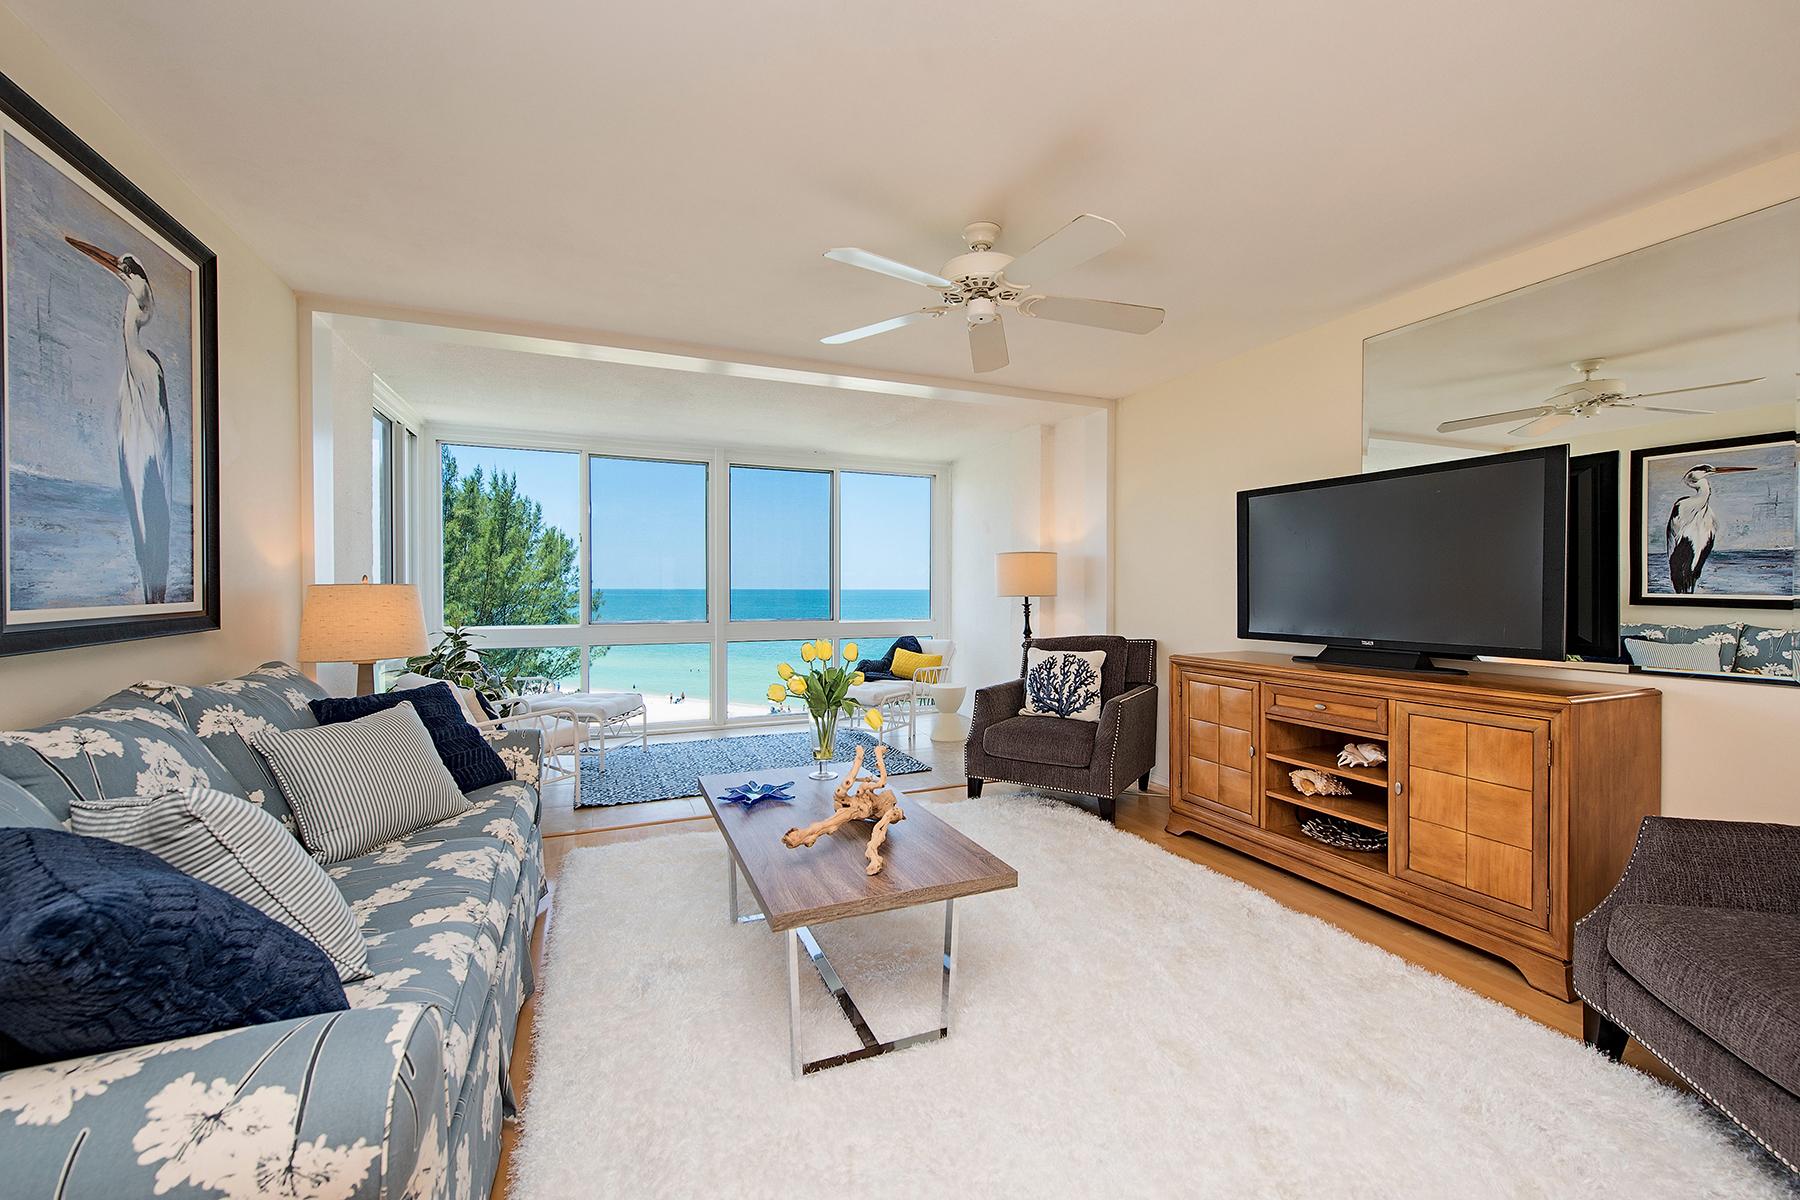 Condomínio para Venda às MOORINGS - ROYAL PALM CLUB 2121 Gulf Shore Blvd N 507 Naples, Florida, 34102 Estados Unidos